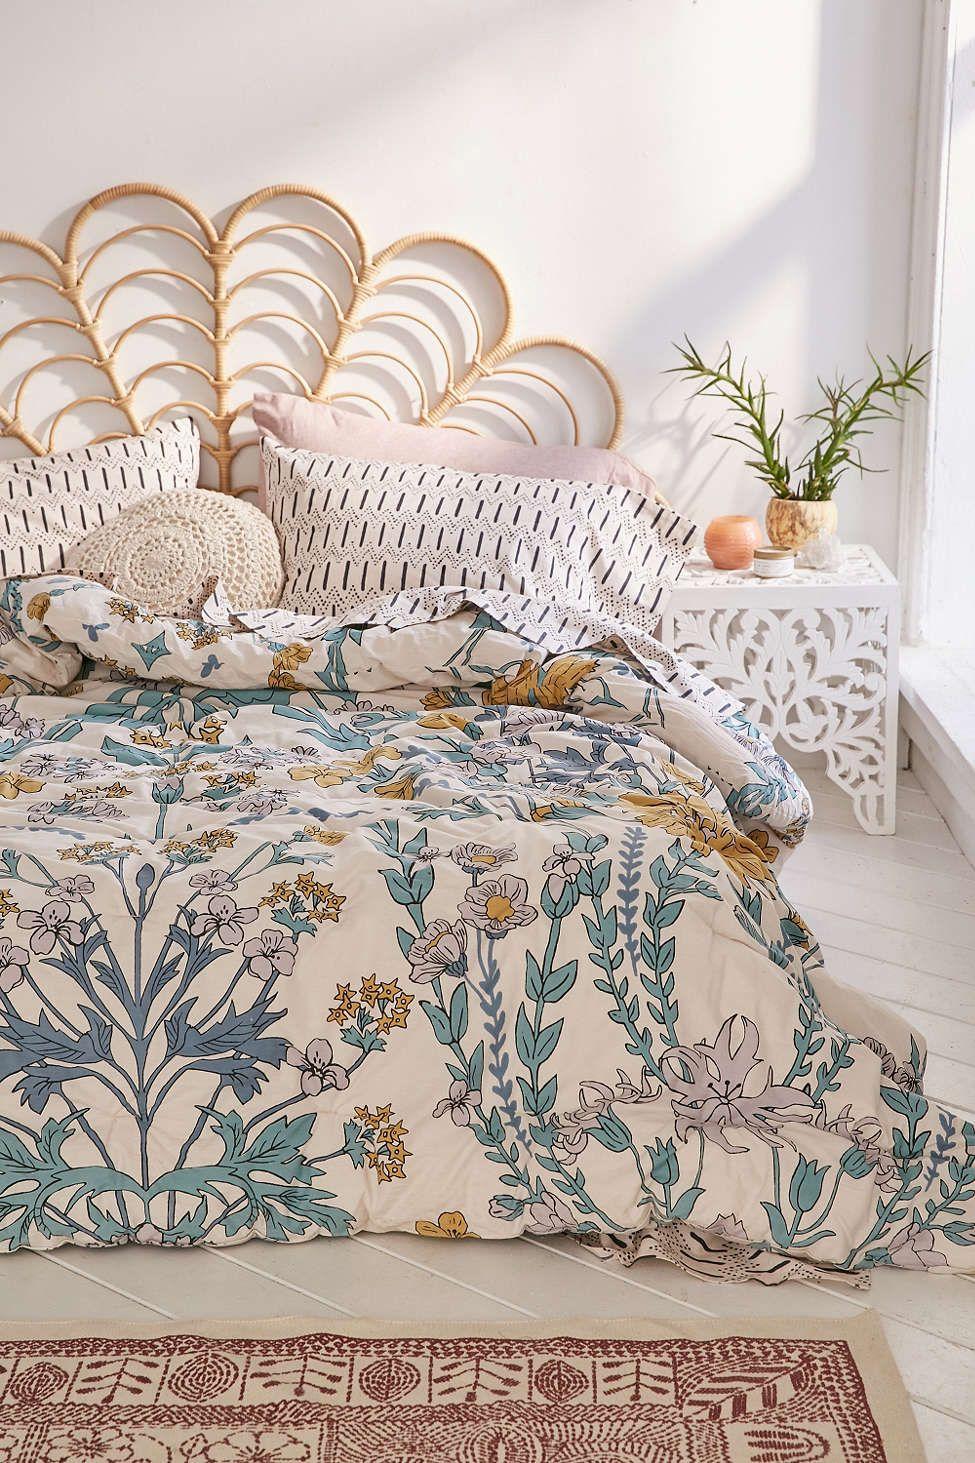 ingrid folk comforter snooze set comforter urban. Black Bedroom Furniture Sets. Home Design Ideas